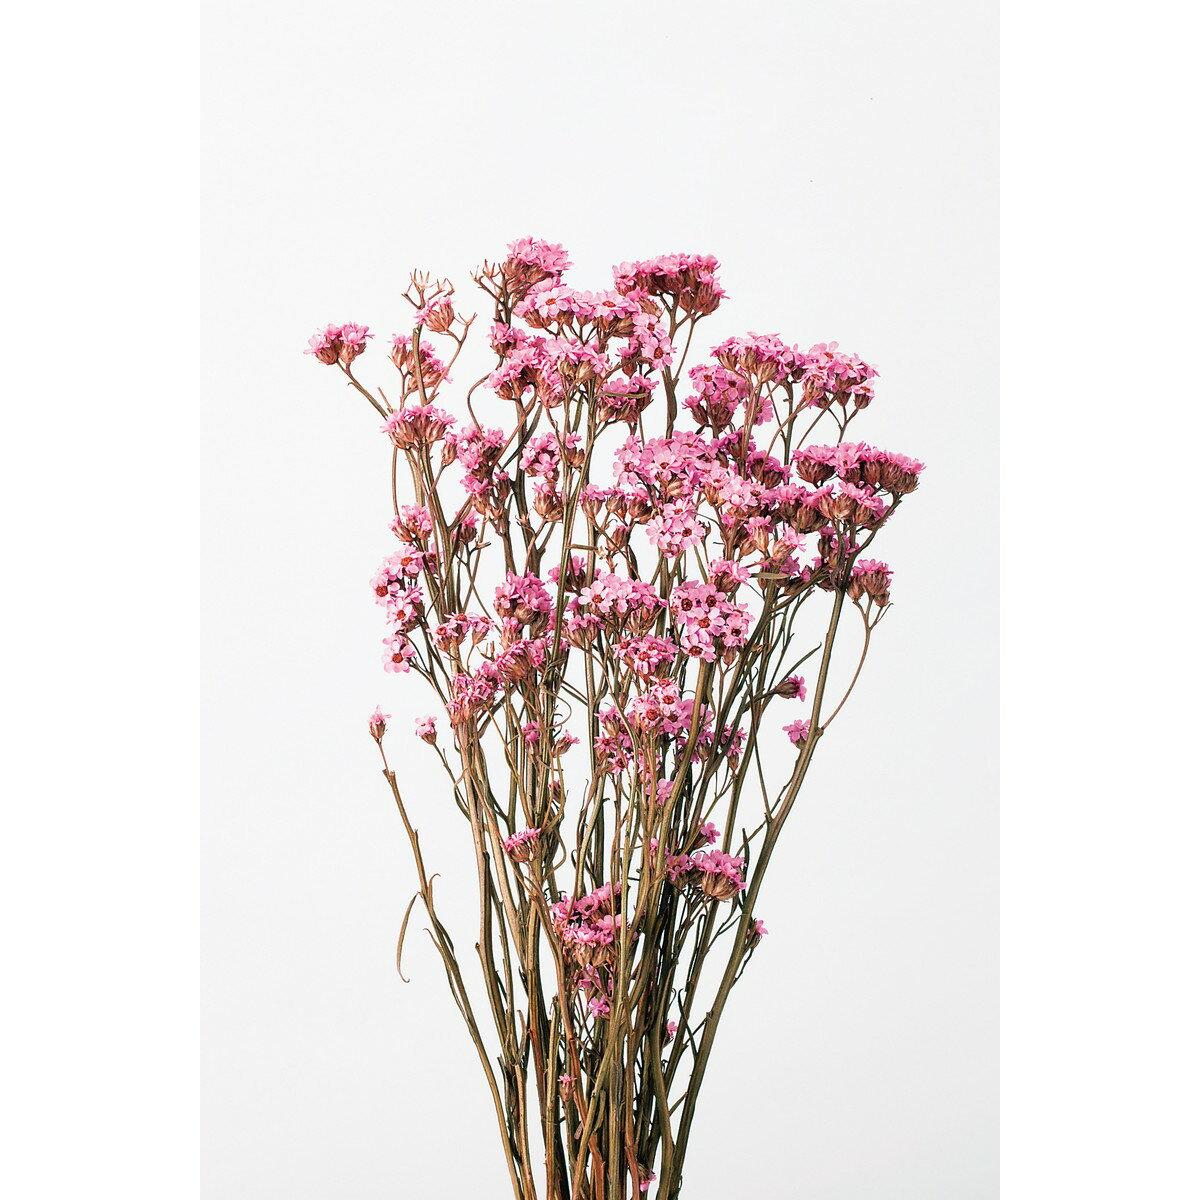 大特価 即日 【ドライ】大地農園/SAデージー 濃ピンク 約30g/32043-190《 ドライフラワー ドライフラワー花材 シルバーデージー 》